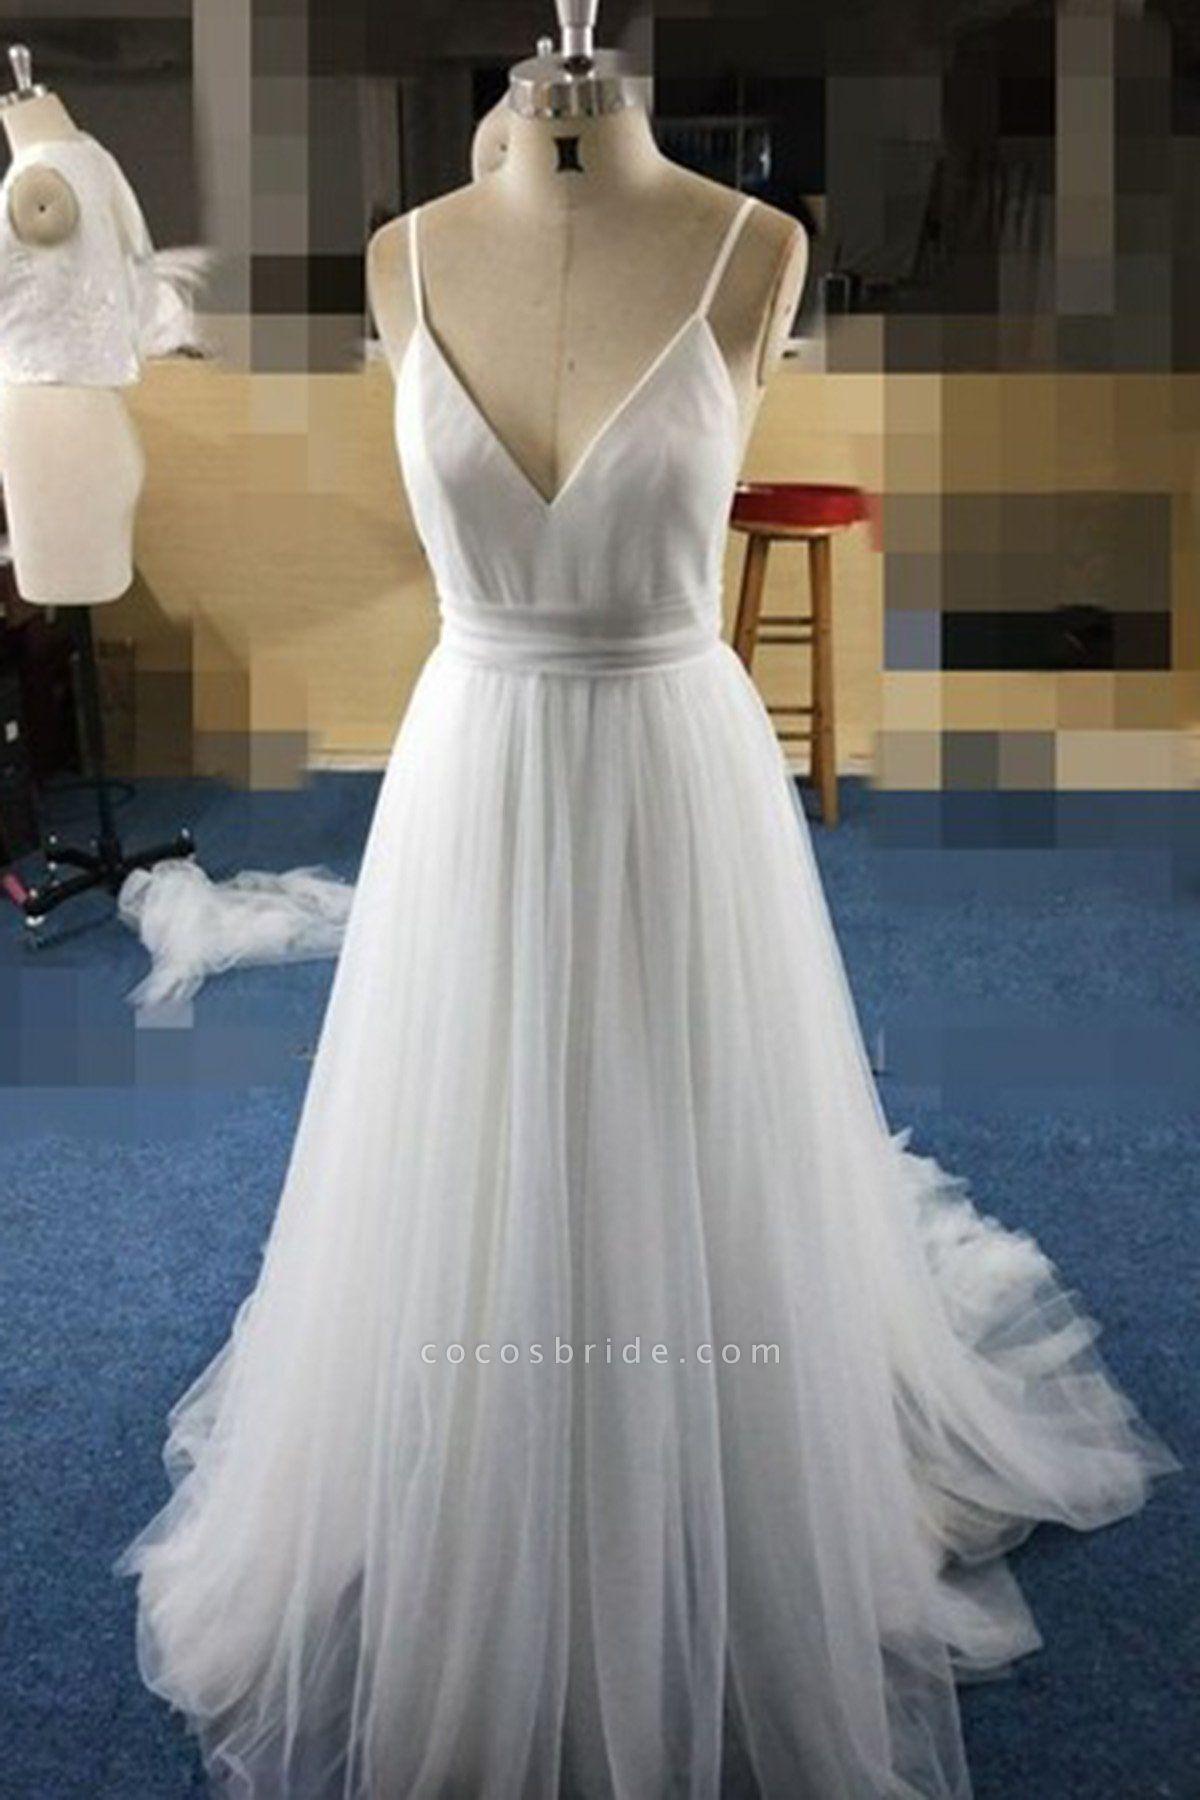 Simple White Tulle V Neck Spaghetti Straps Long Wedding Dress